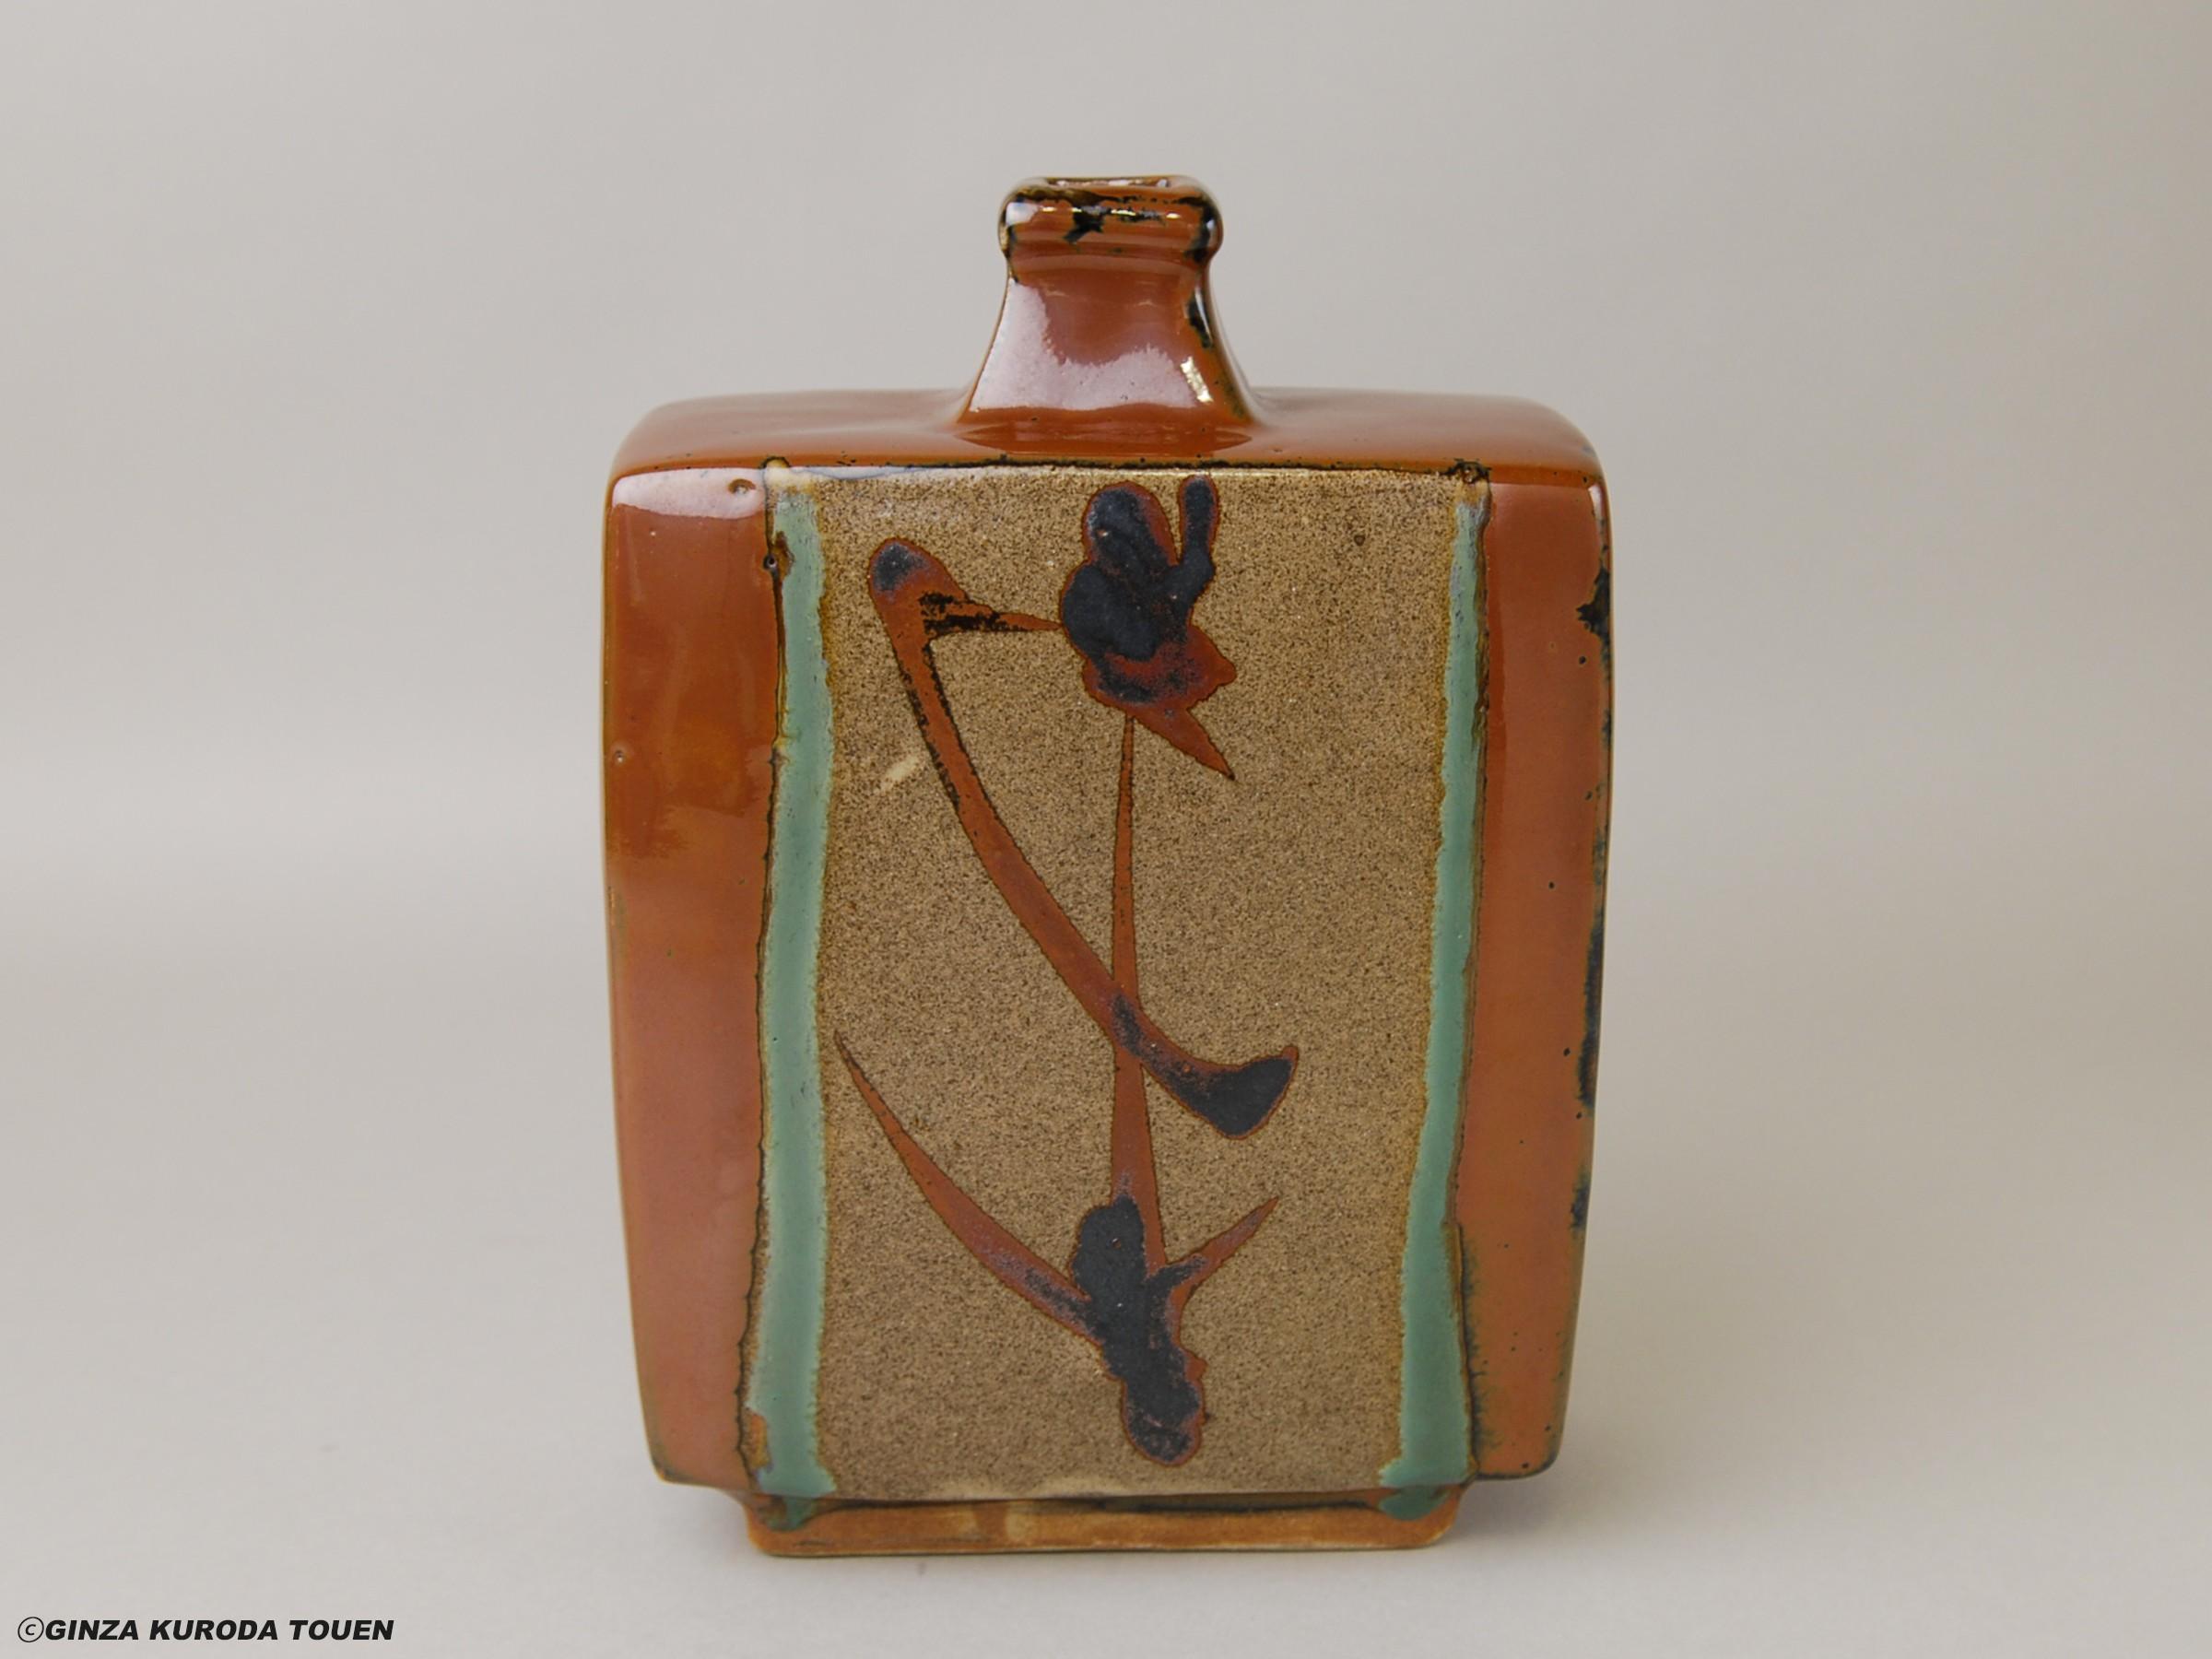 Shoji Hamada: Flat vase, Kaki glaze, Iron decoration